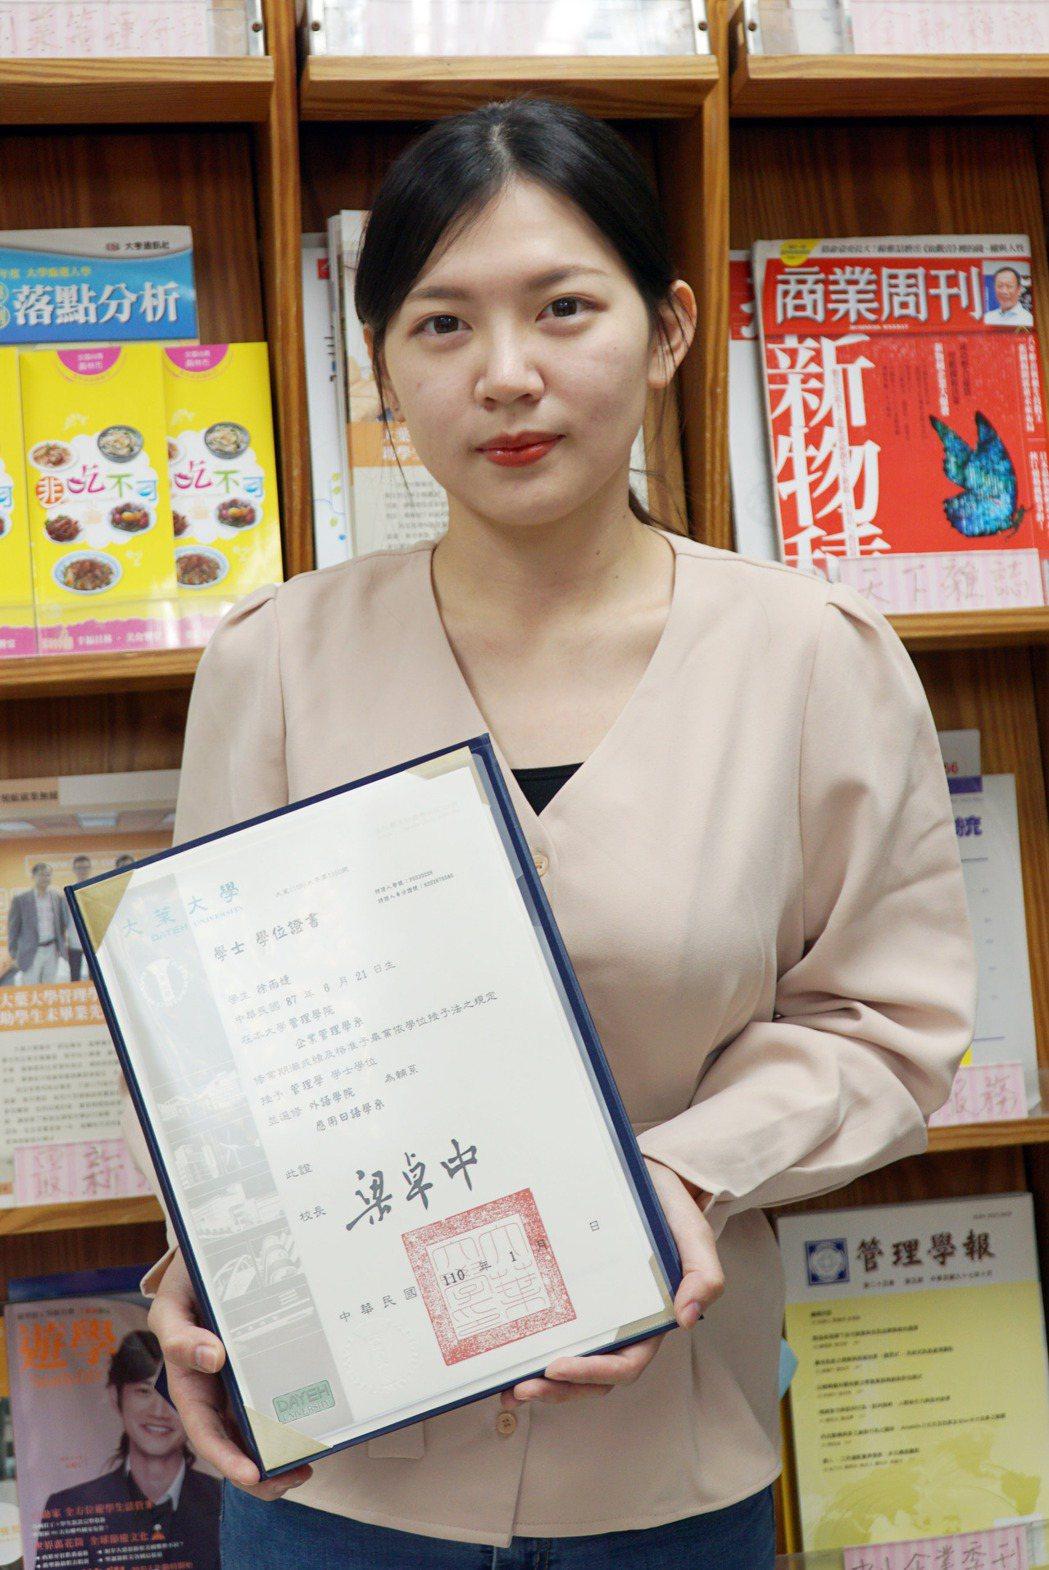 企管系徐雨婕,順利完成日本留學與輔系學位。 大葉大學/提供。